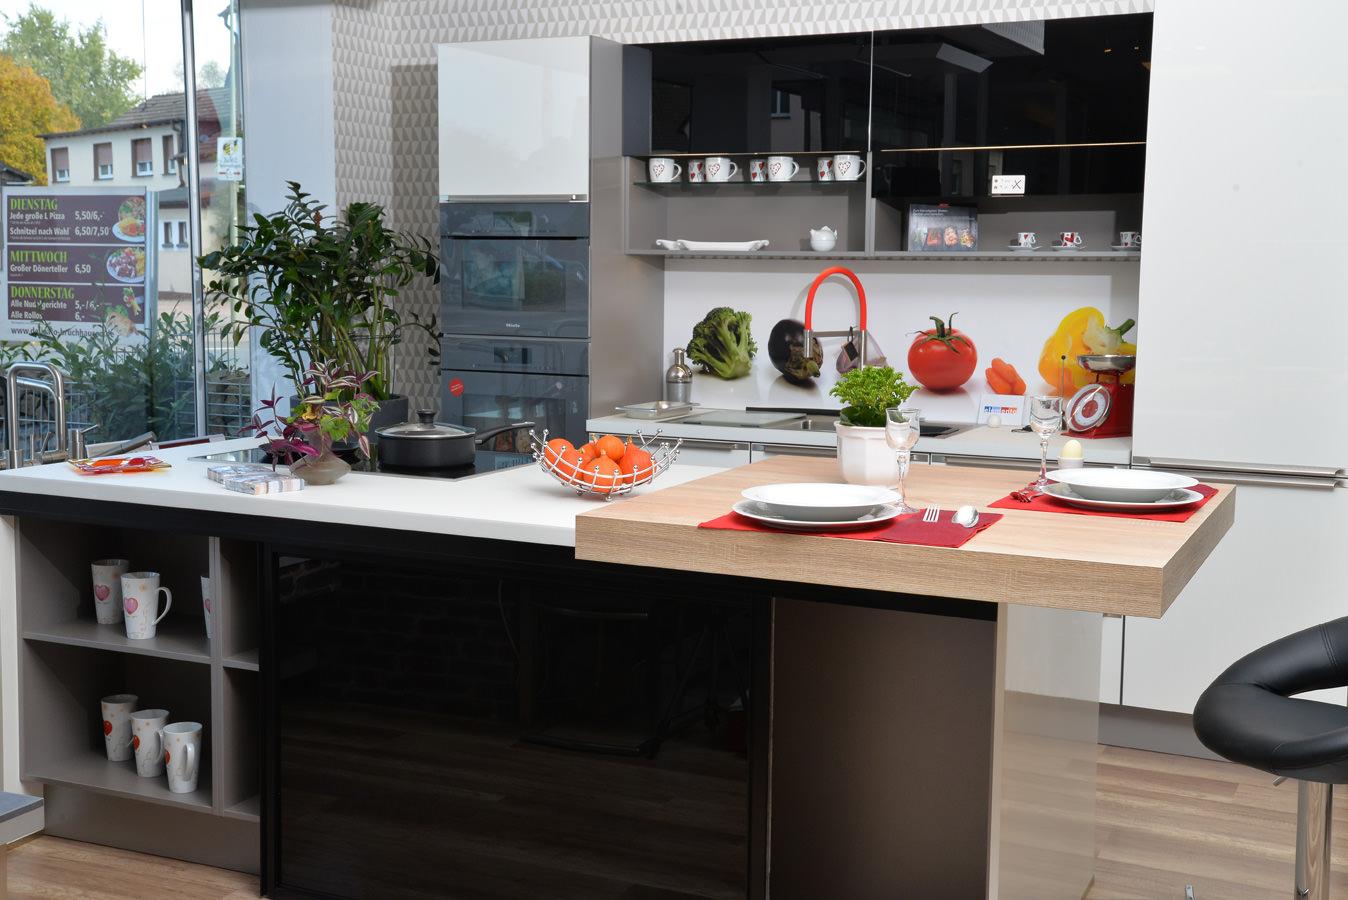 Küchenausstellung von Küchen und Wohnideen - Baron-Arens